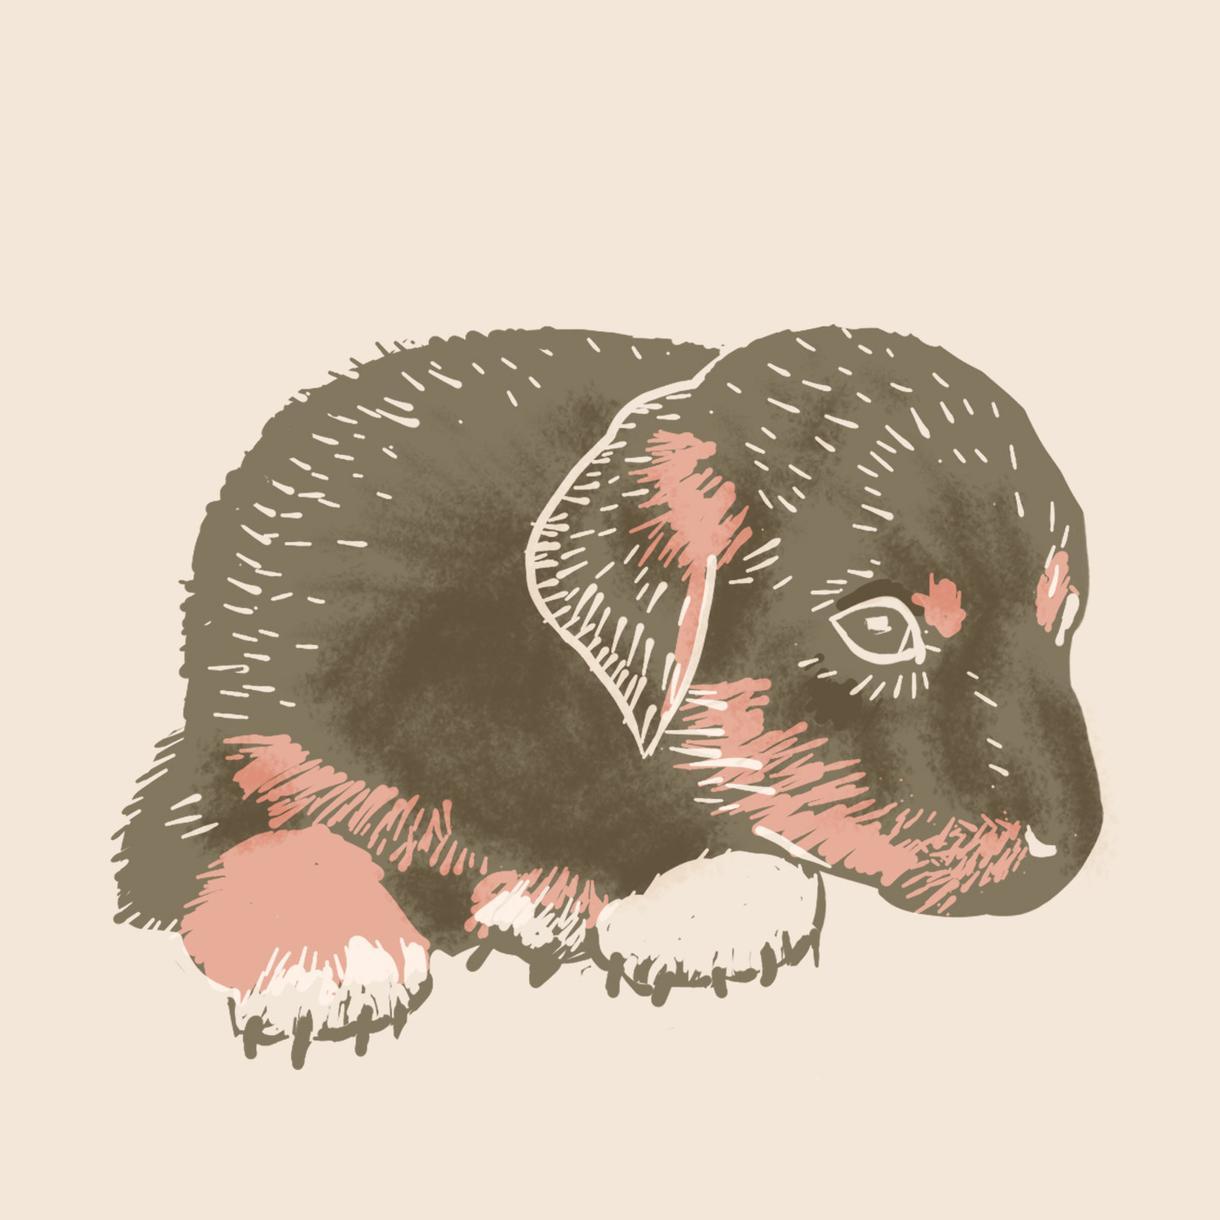 大切なペットや好きな動物の絵を描きます プレゼント用や思い出記念としていかがでしょうか